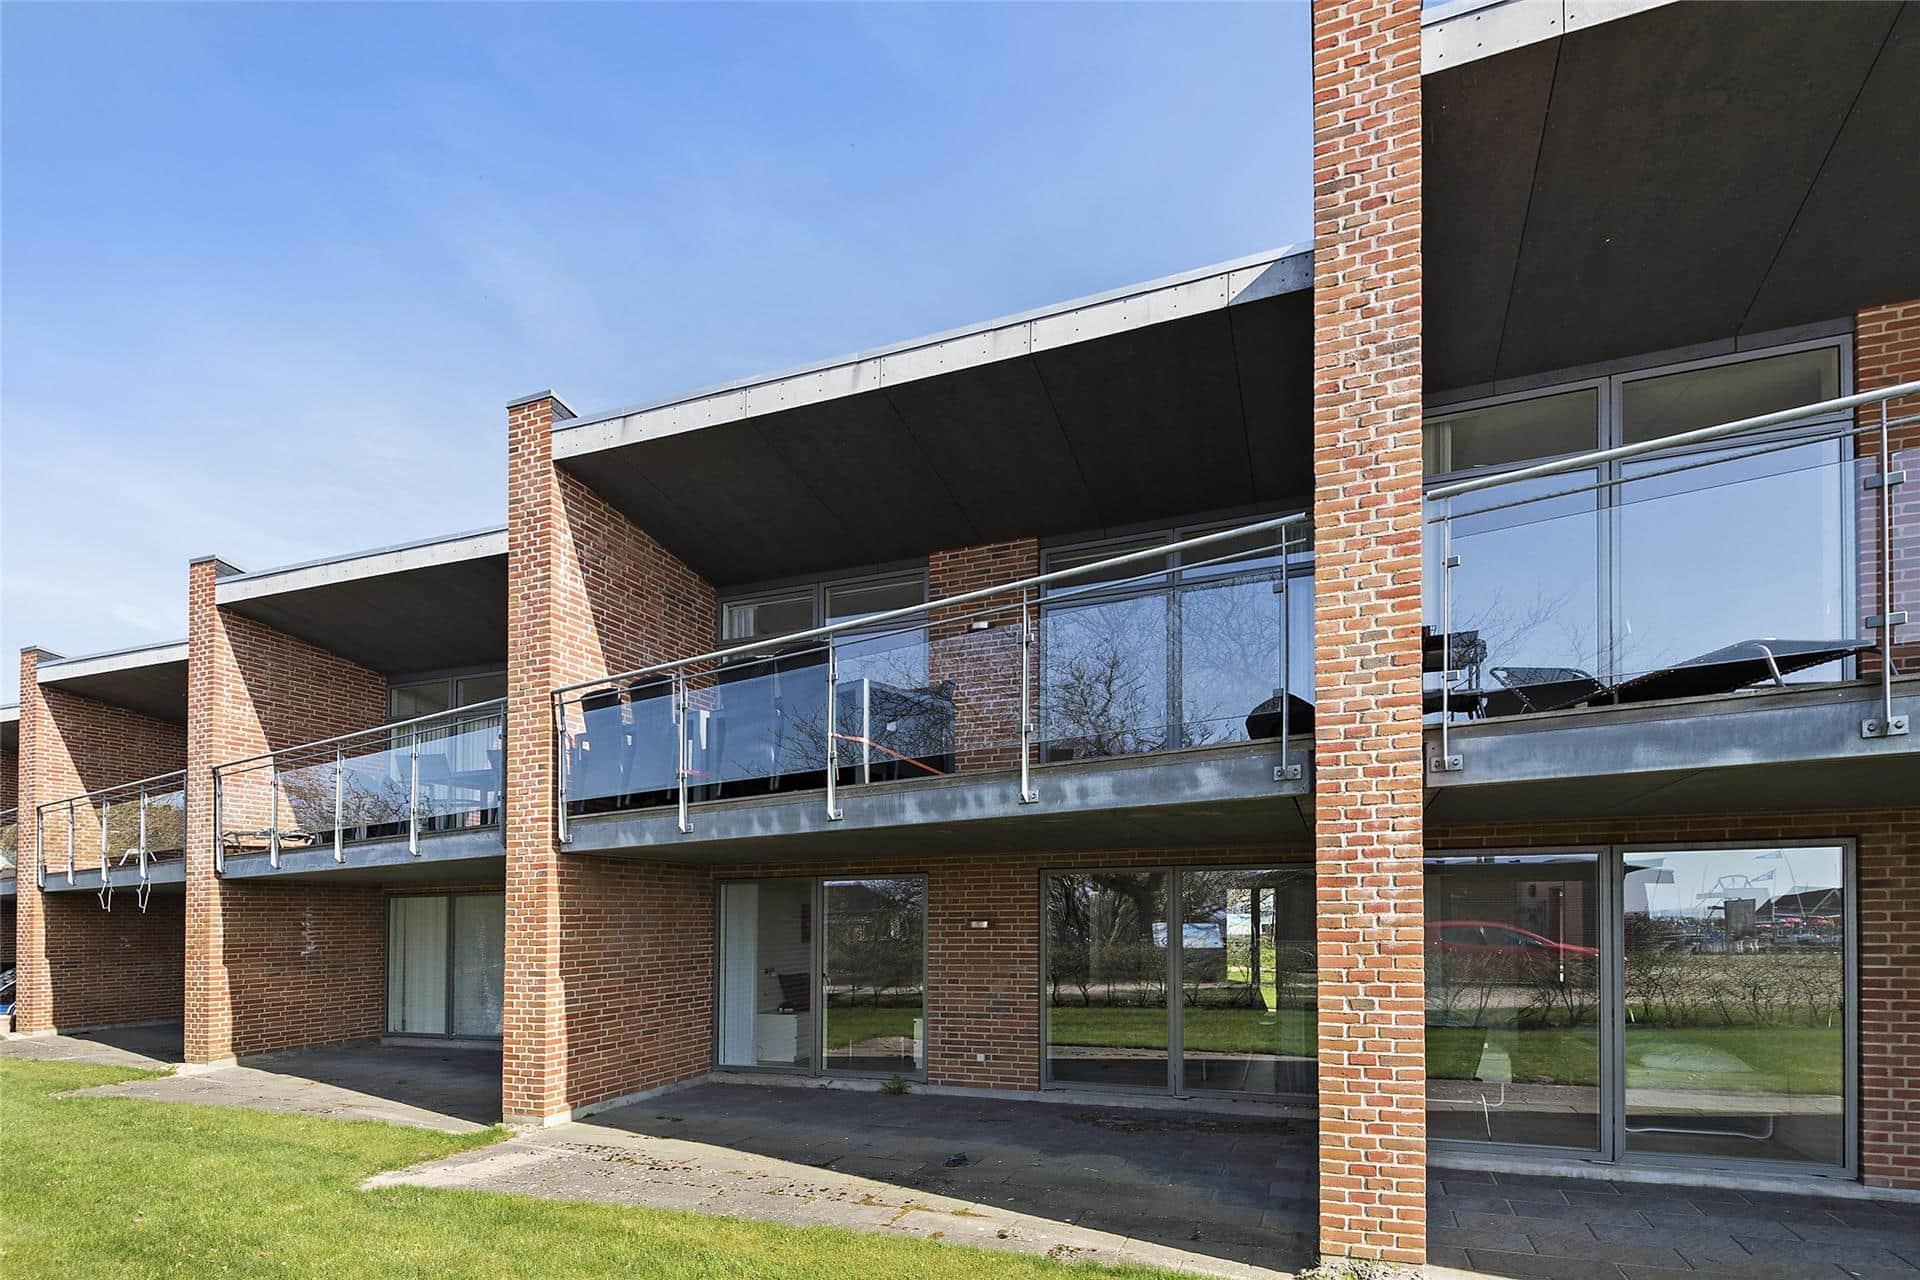 Billede 1-22 Sommerhus C11173, Kirkehøjvej 42, DK - 6893 Hemmet